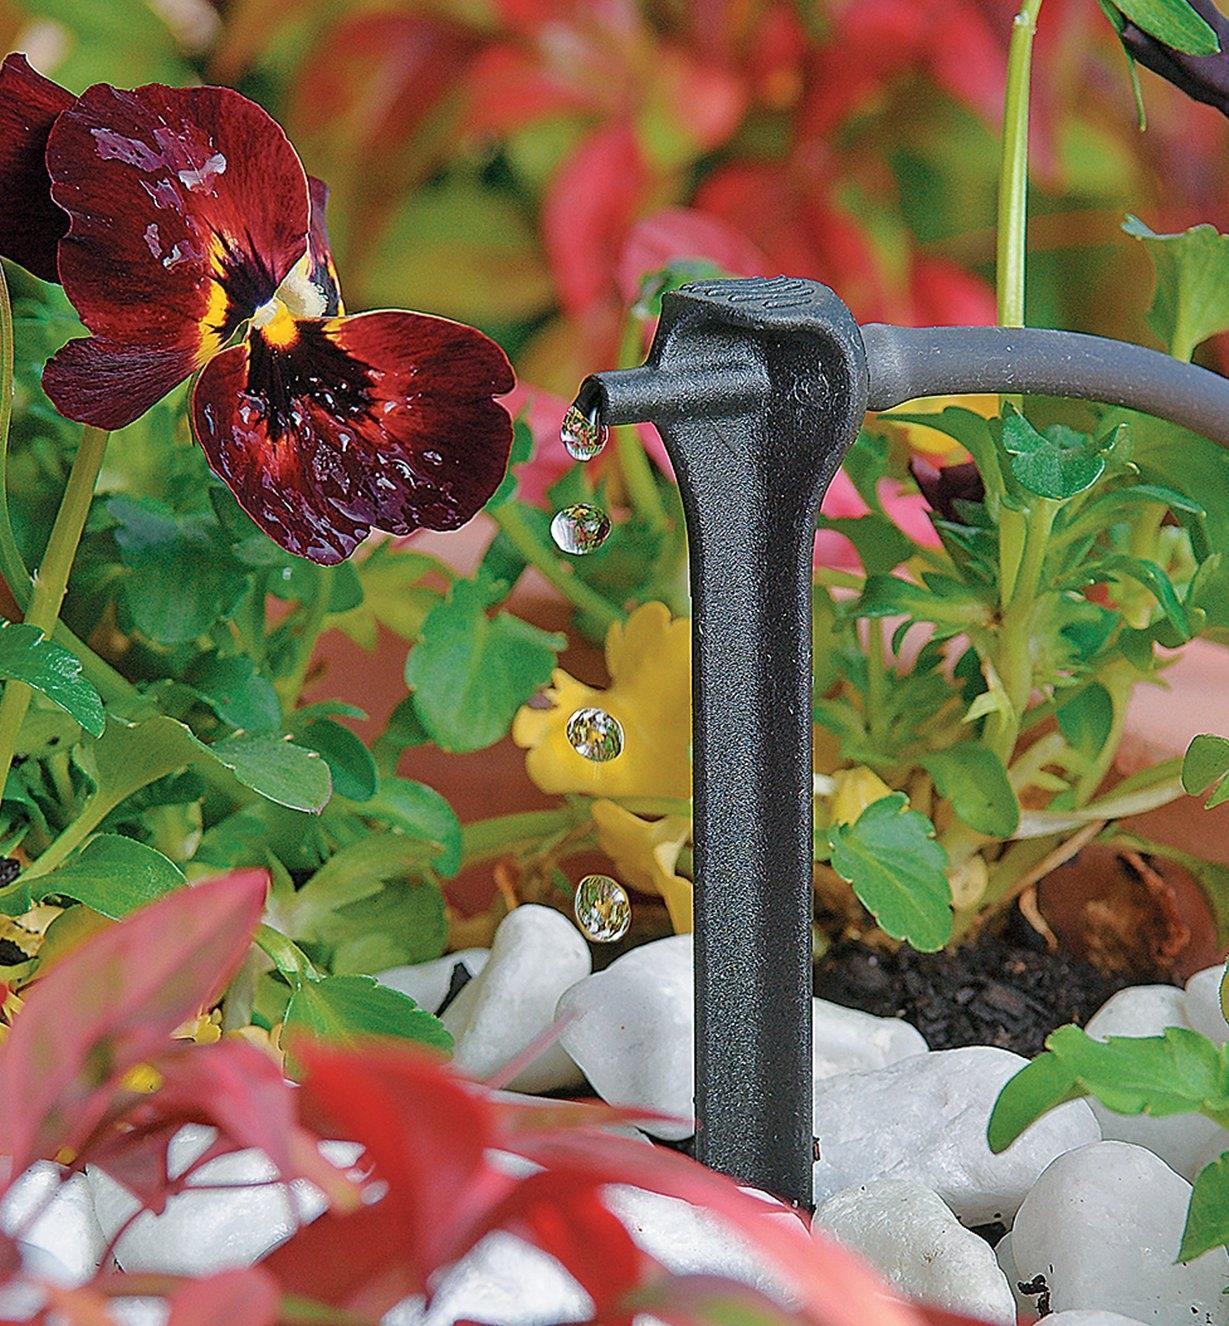 Piquets goutteurs produisant des gouttes d'eau dans un jardin floral